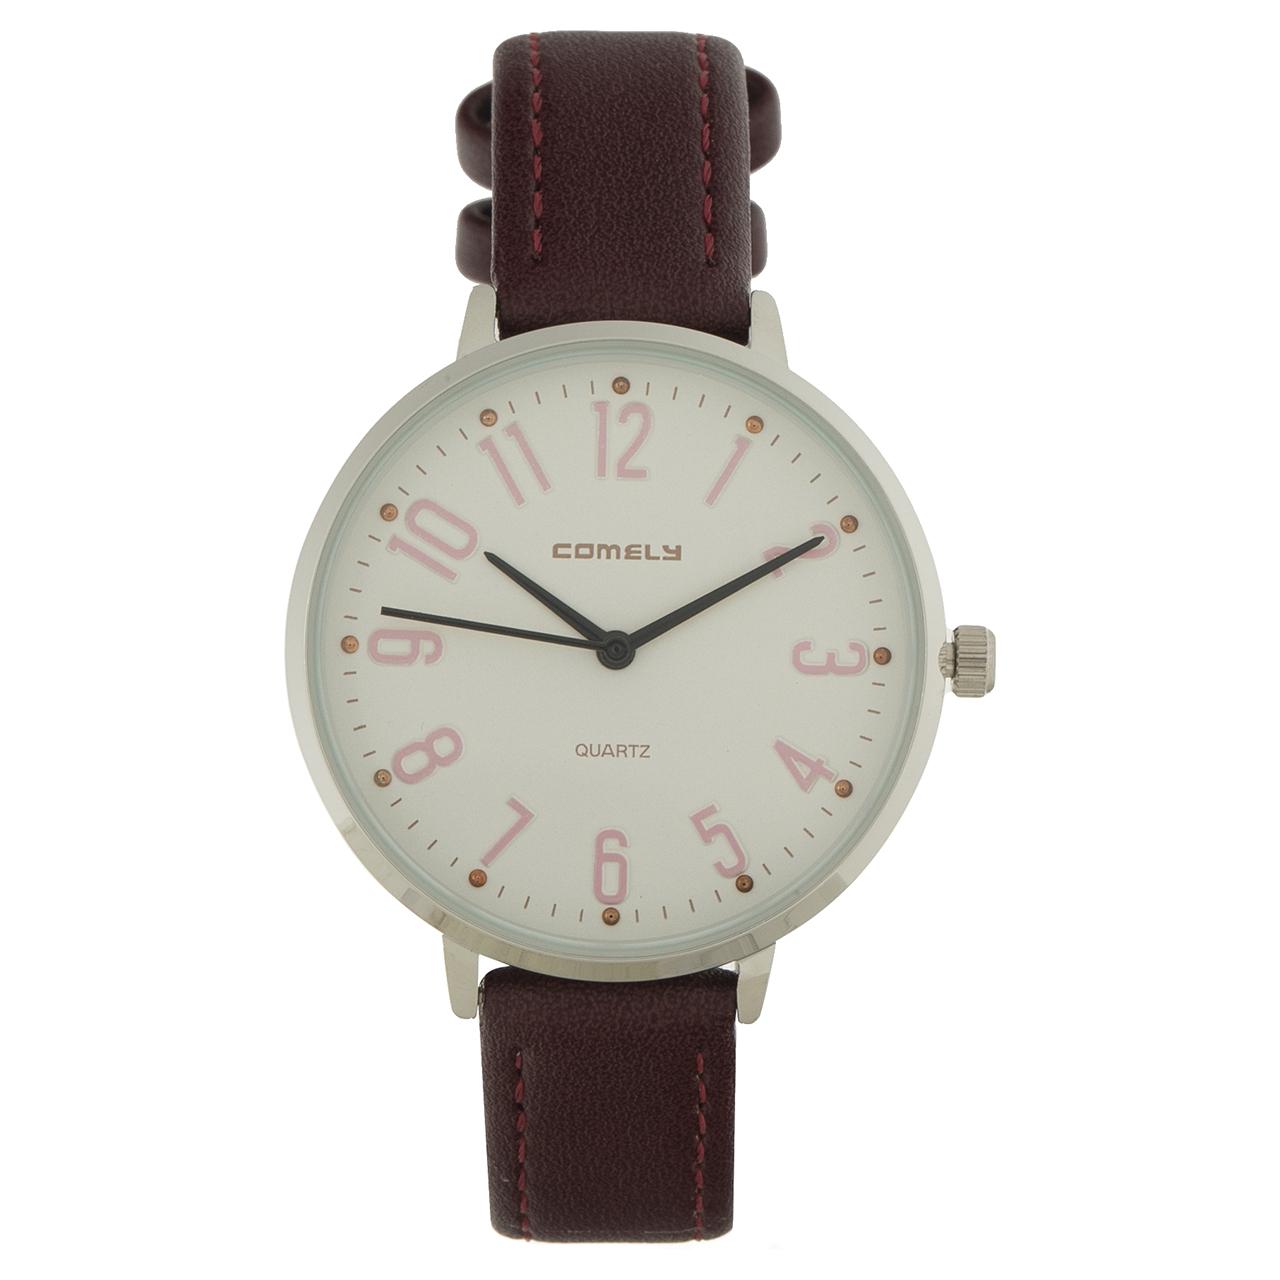 ساعت مچی عقربه ای زنانه کاملی مدل C6036-12 2